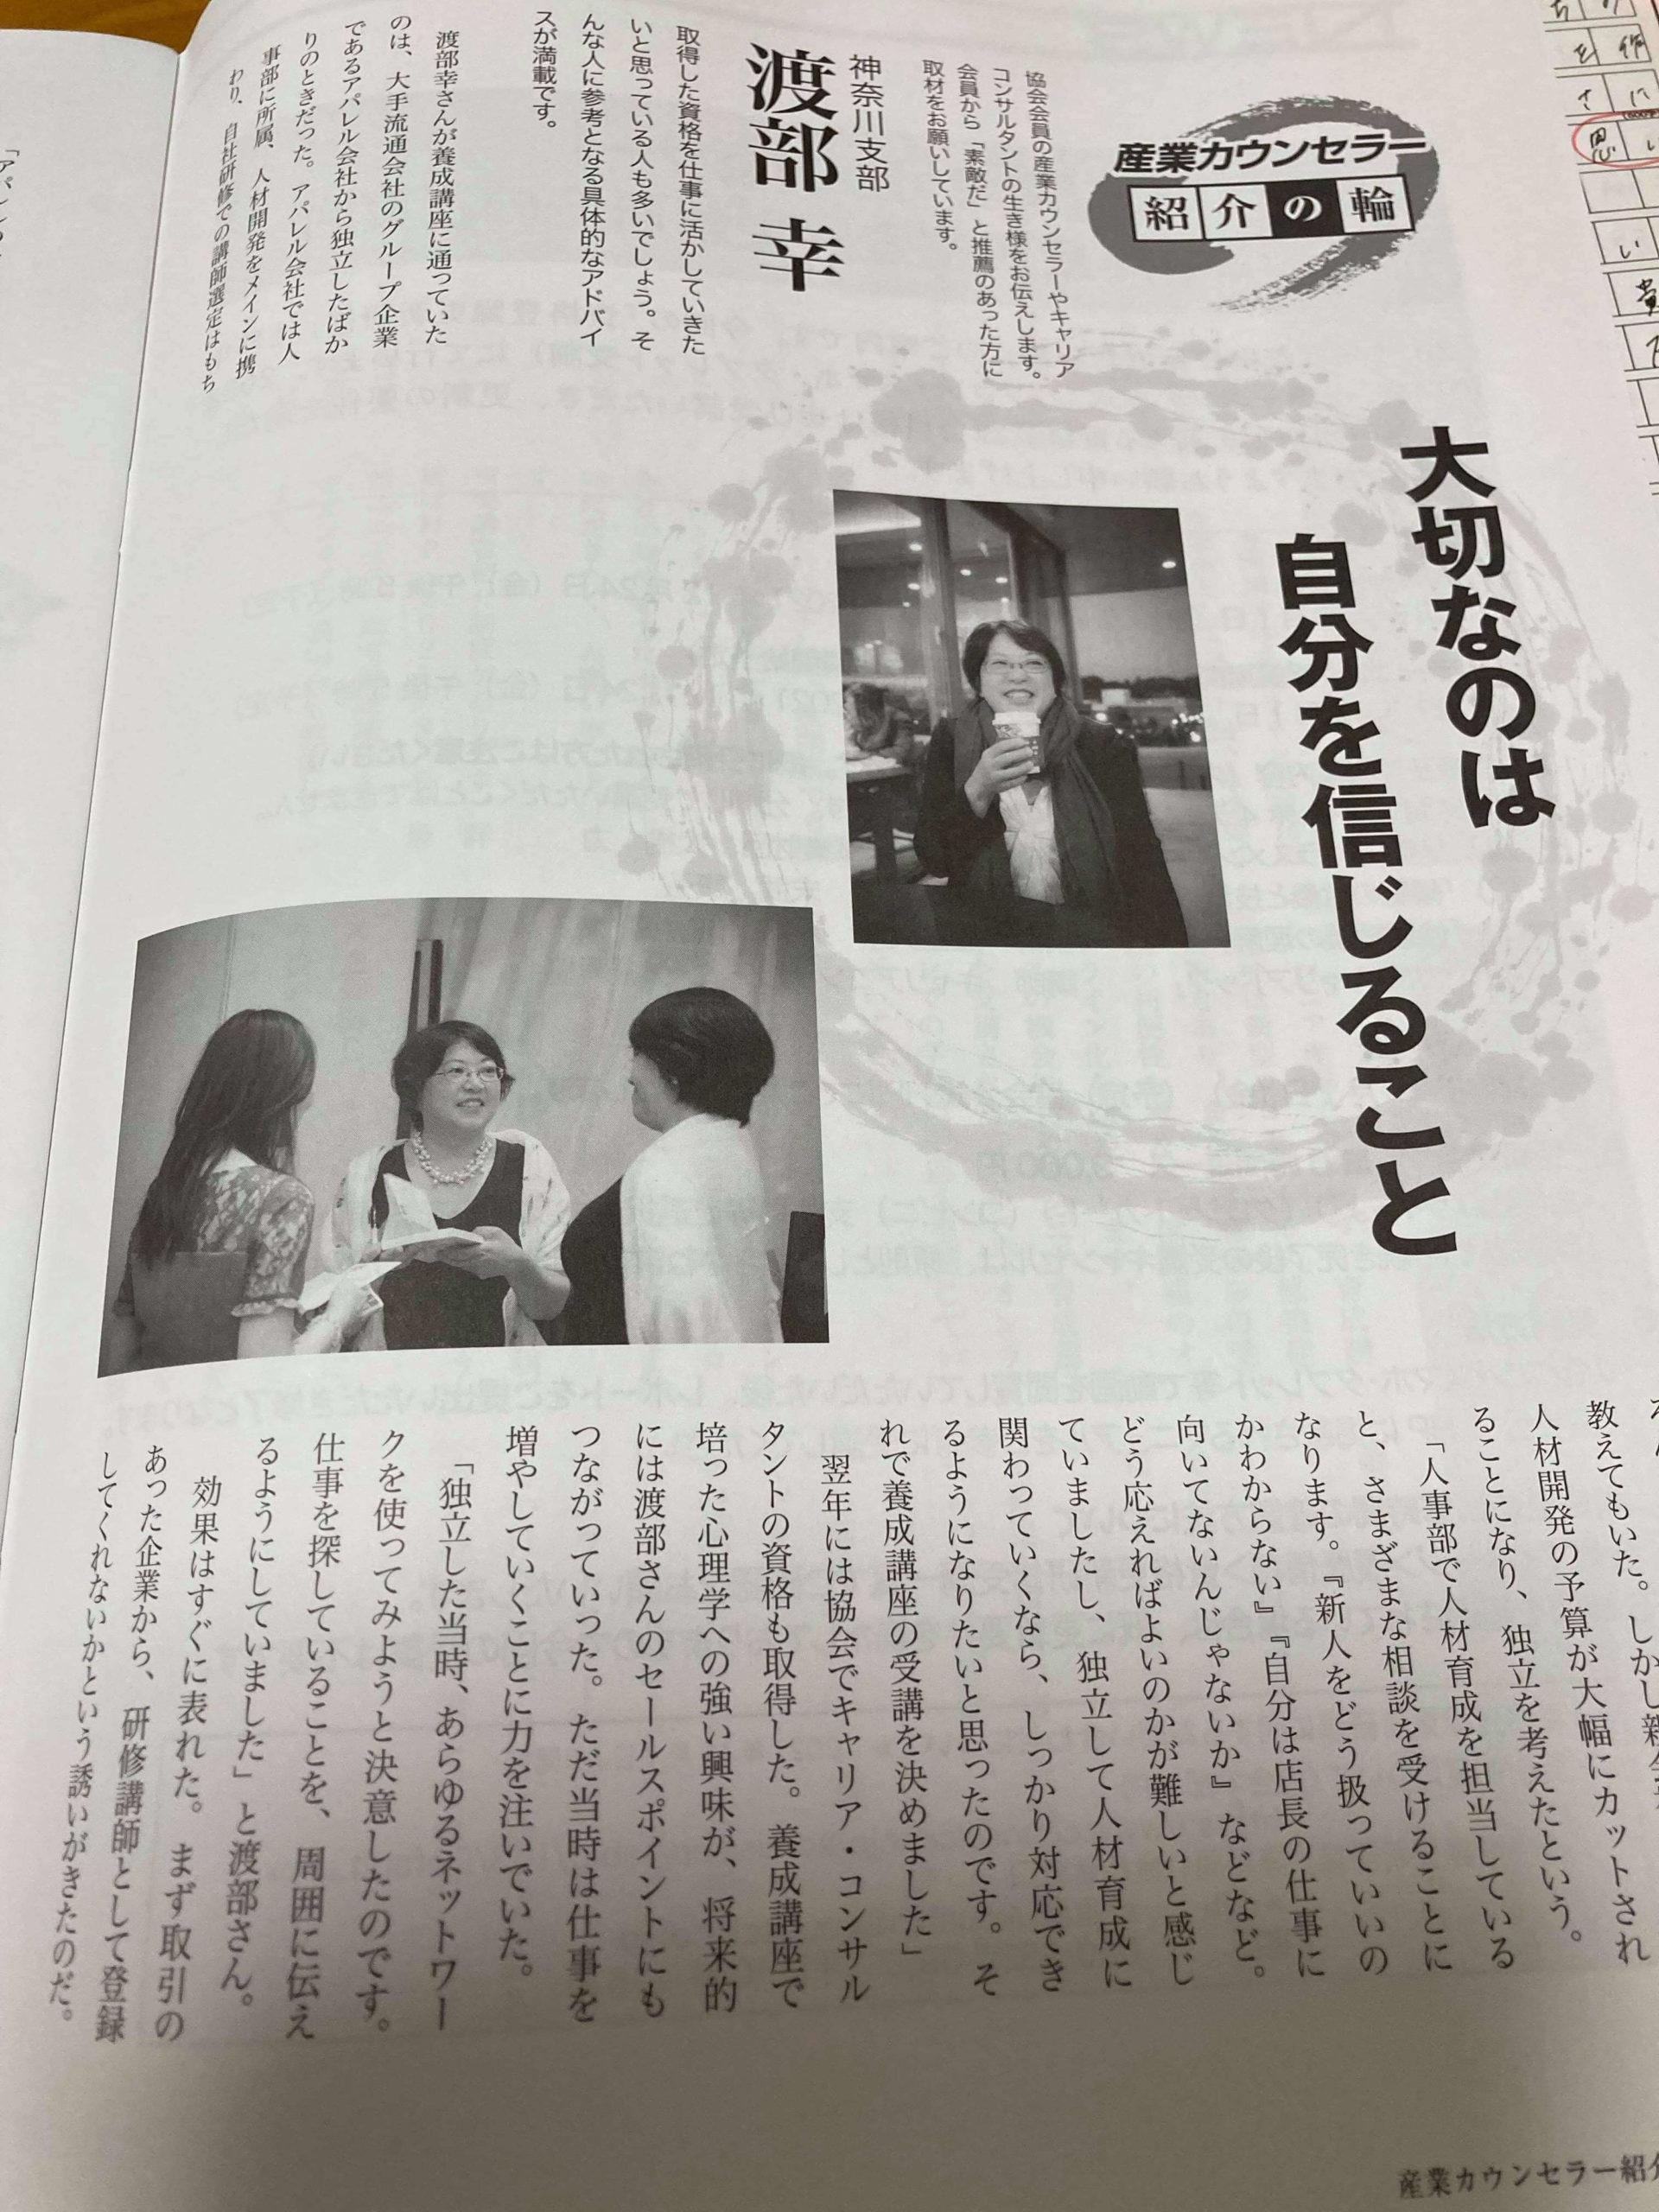 日本産業カウンセラー協会会報誌「JAICO 産業カウンセリング」9-10月号に掲載いただきました